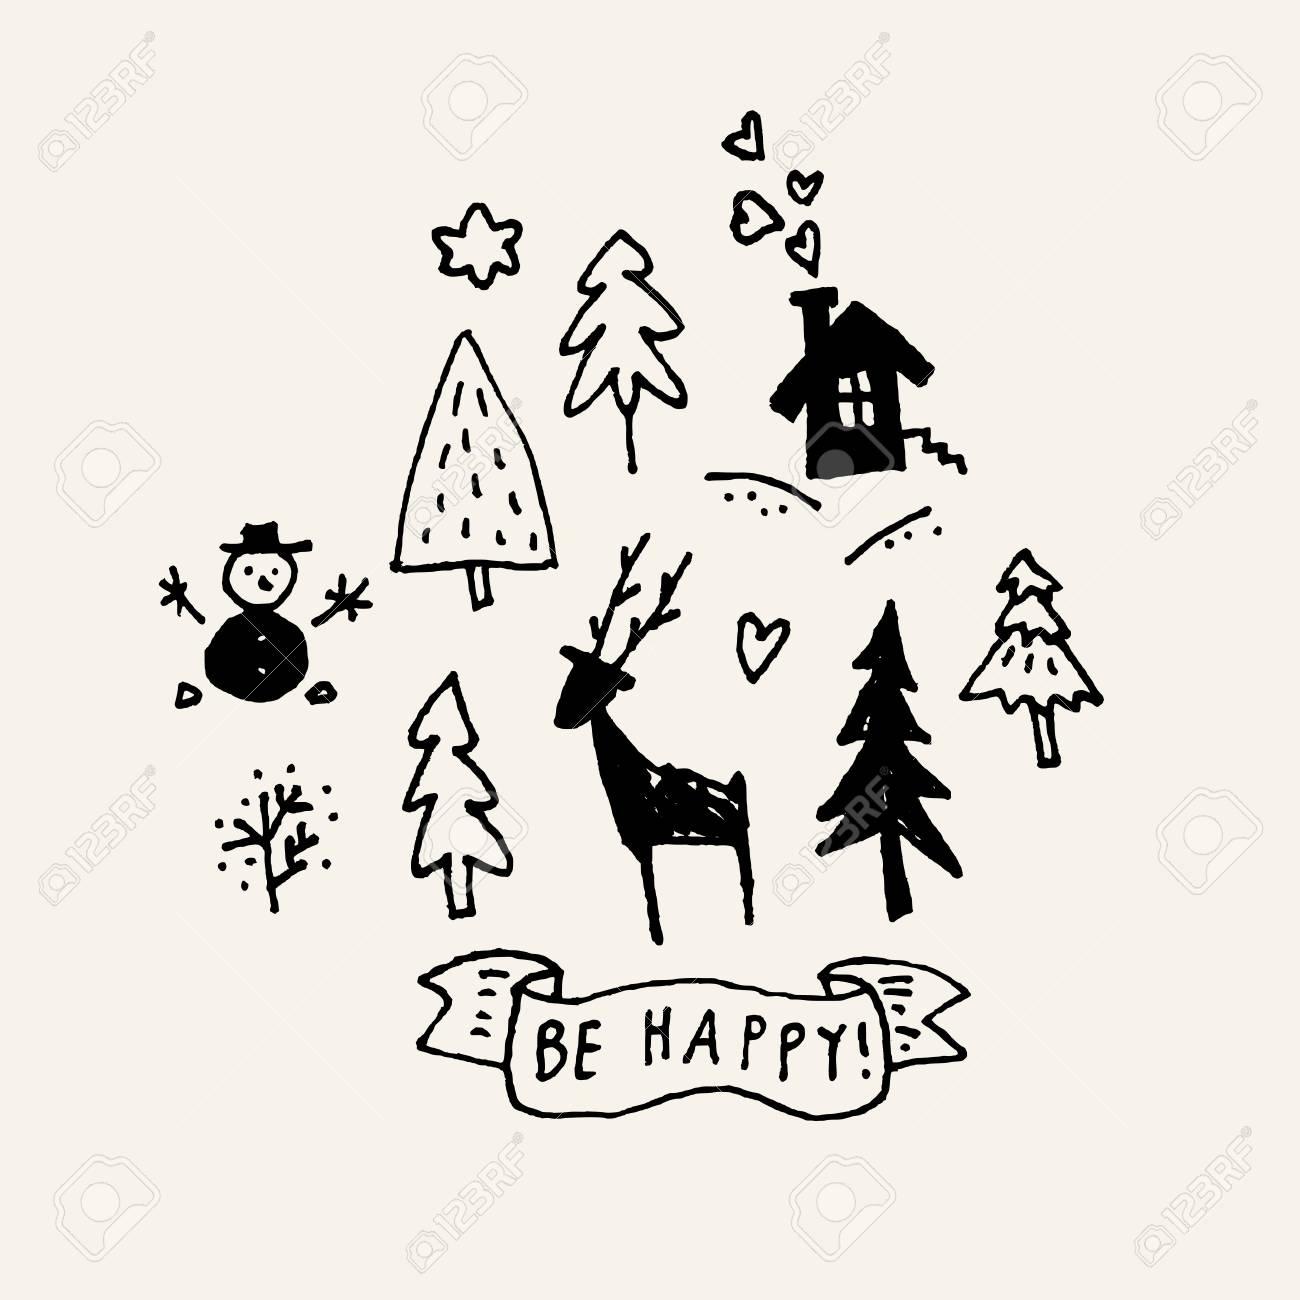 Soyez Heureux. Joyeux Noël Doodle Calligraphique Dessinés à La